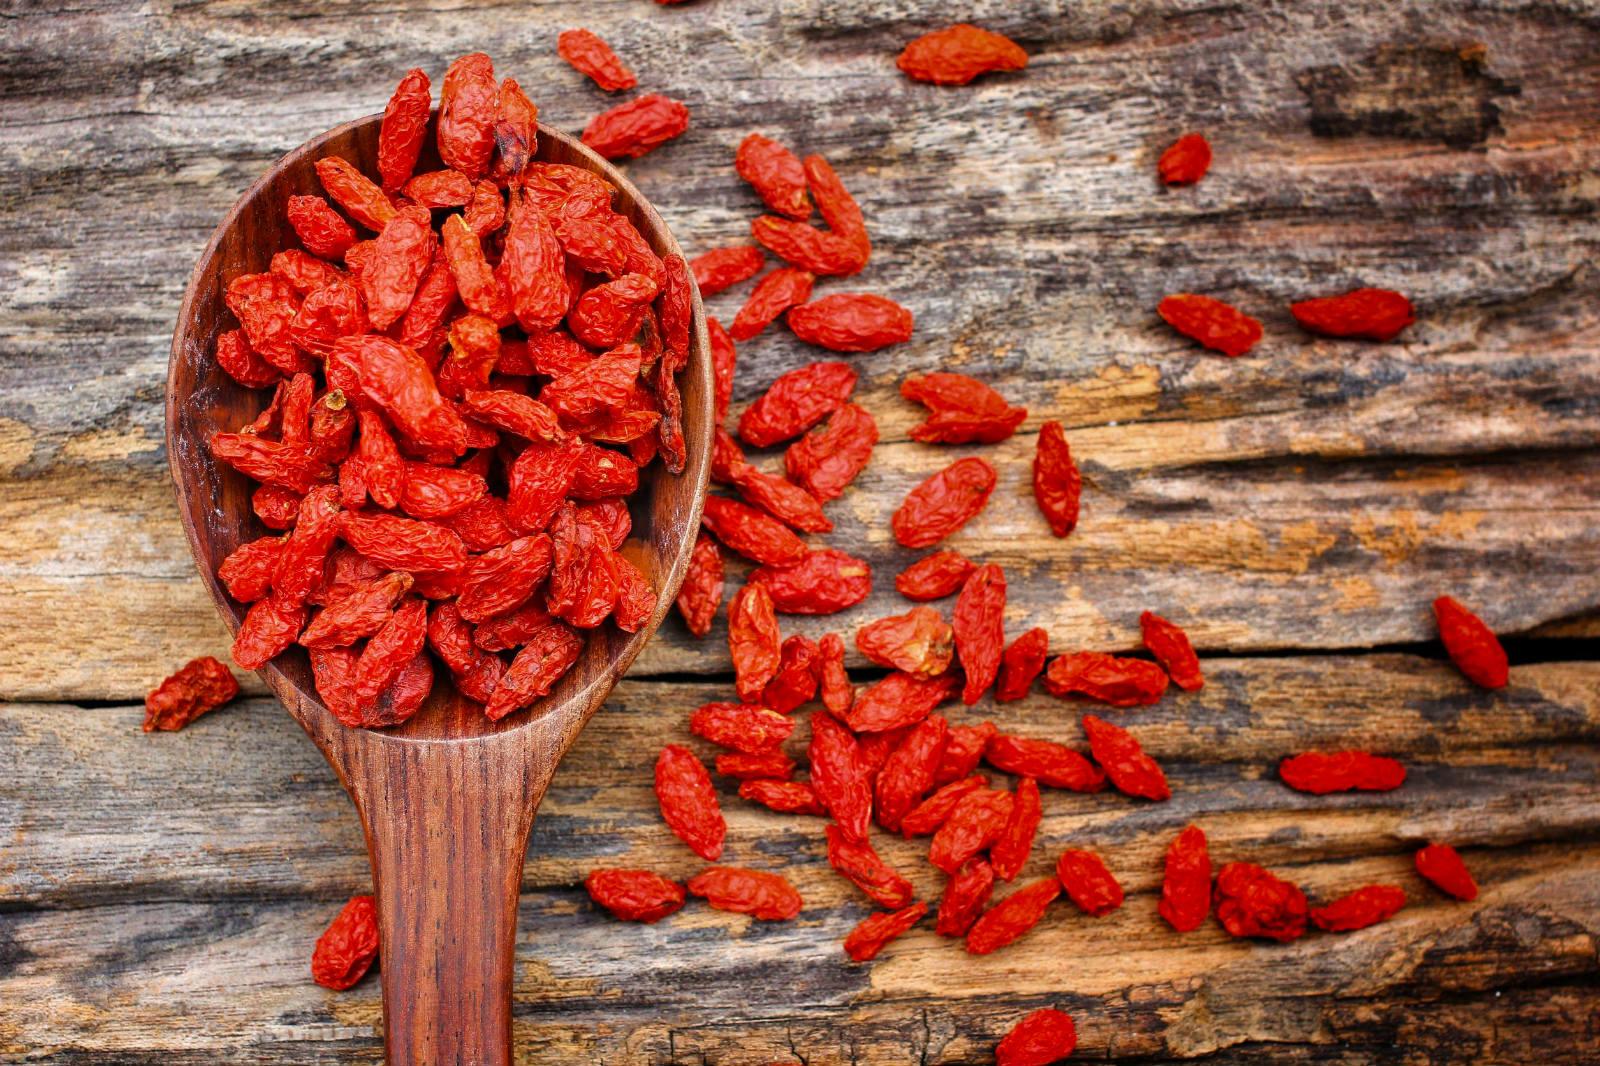 чай с ягодами годжи для похудения отзывы